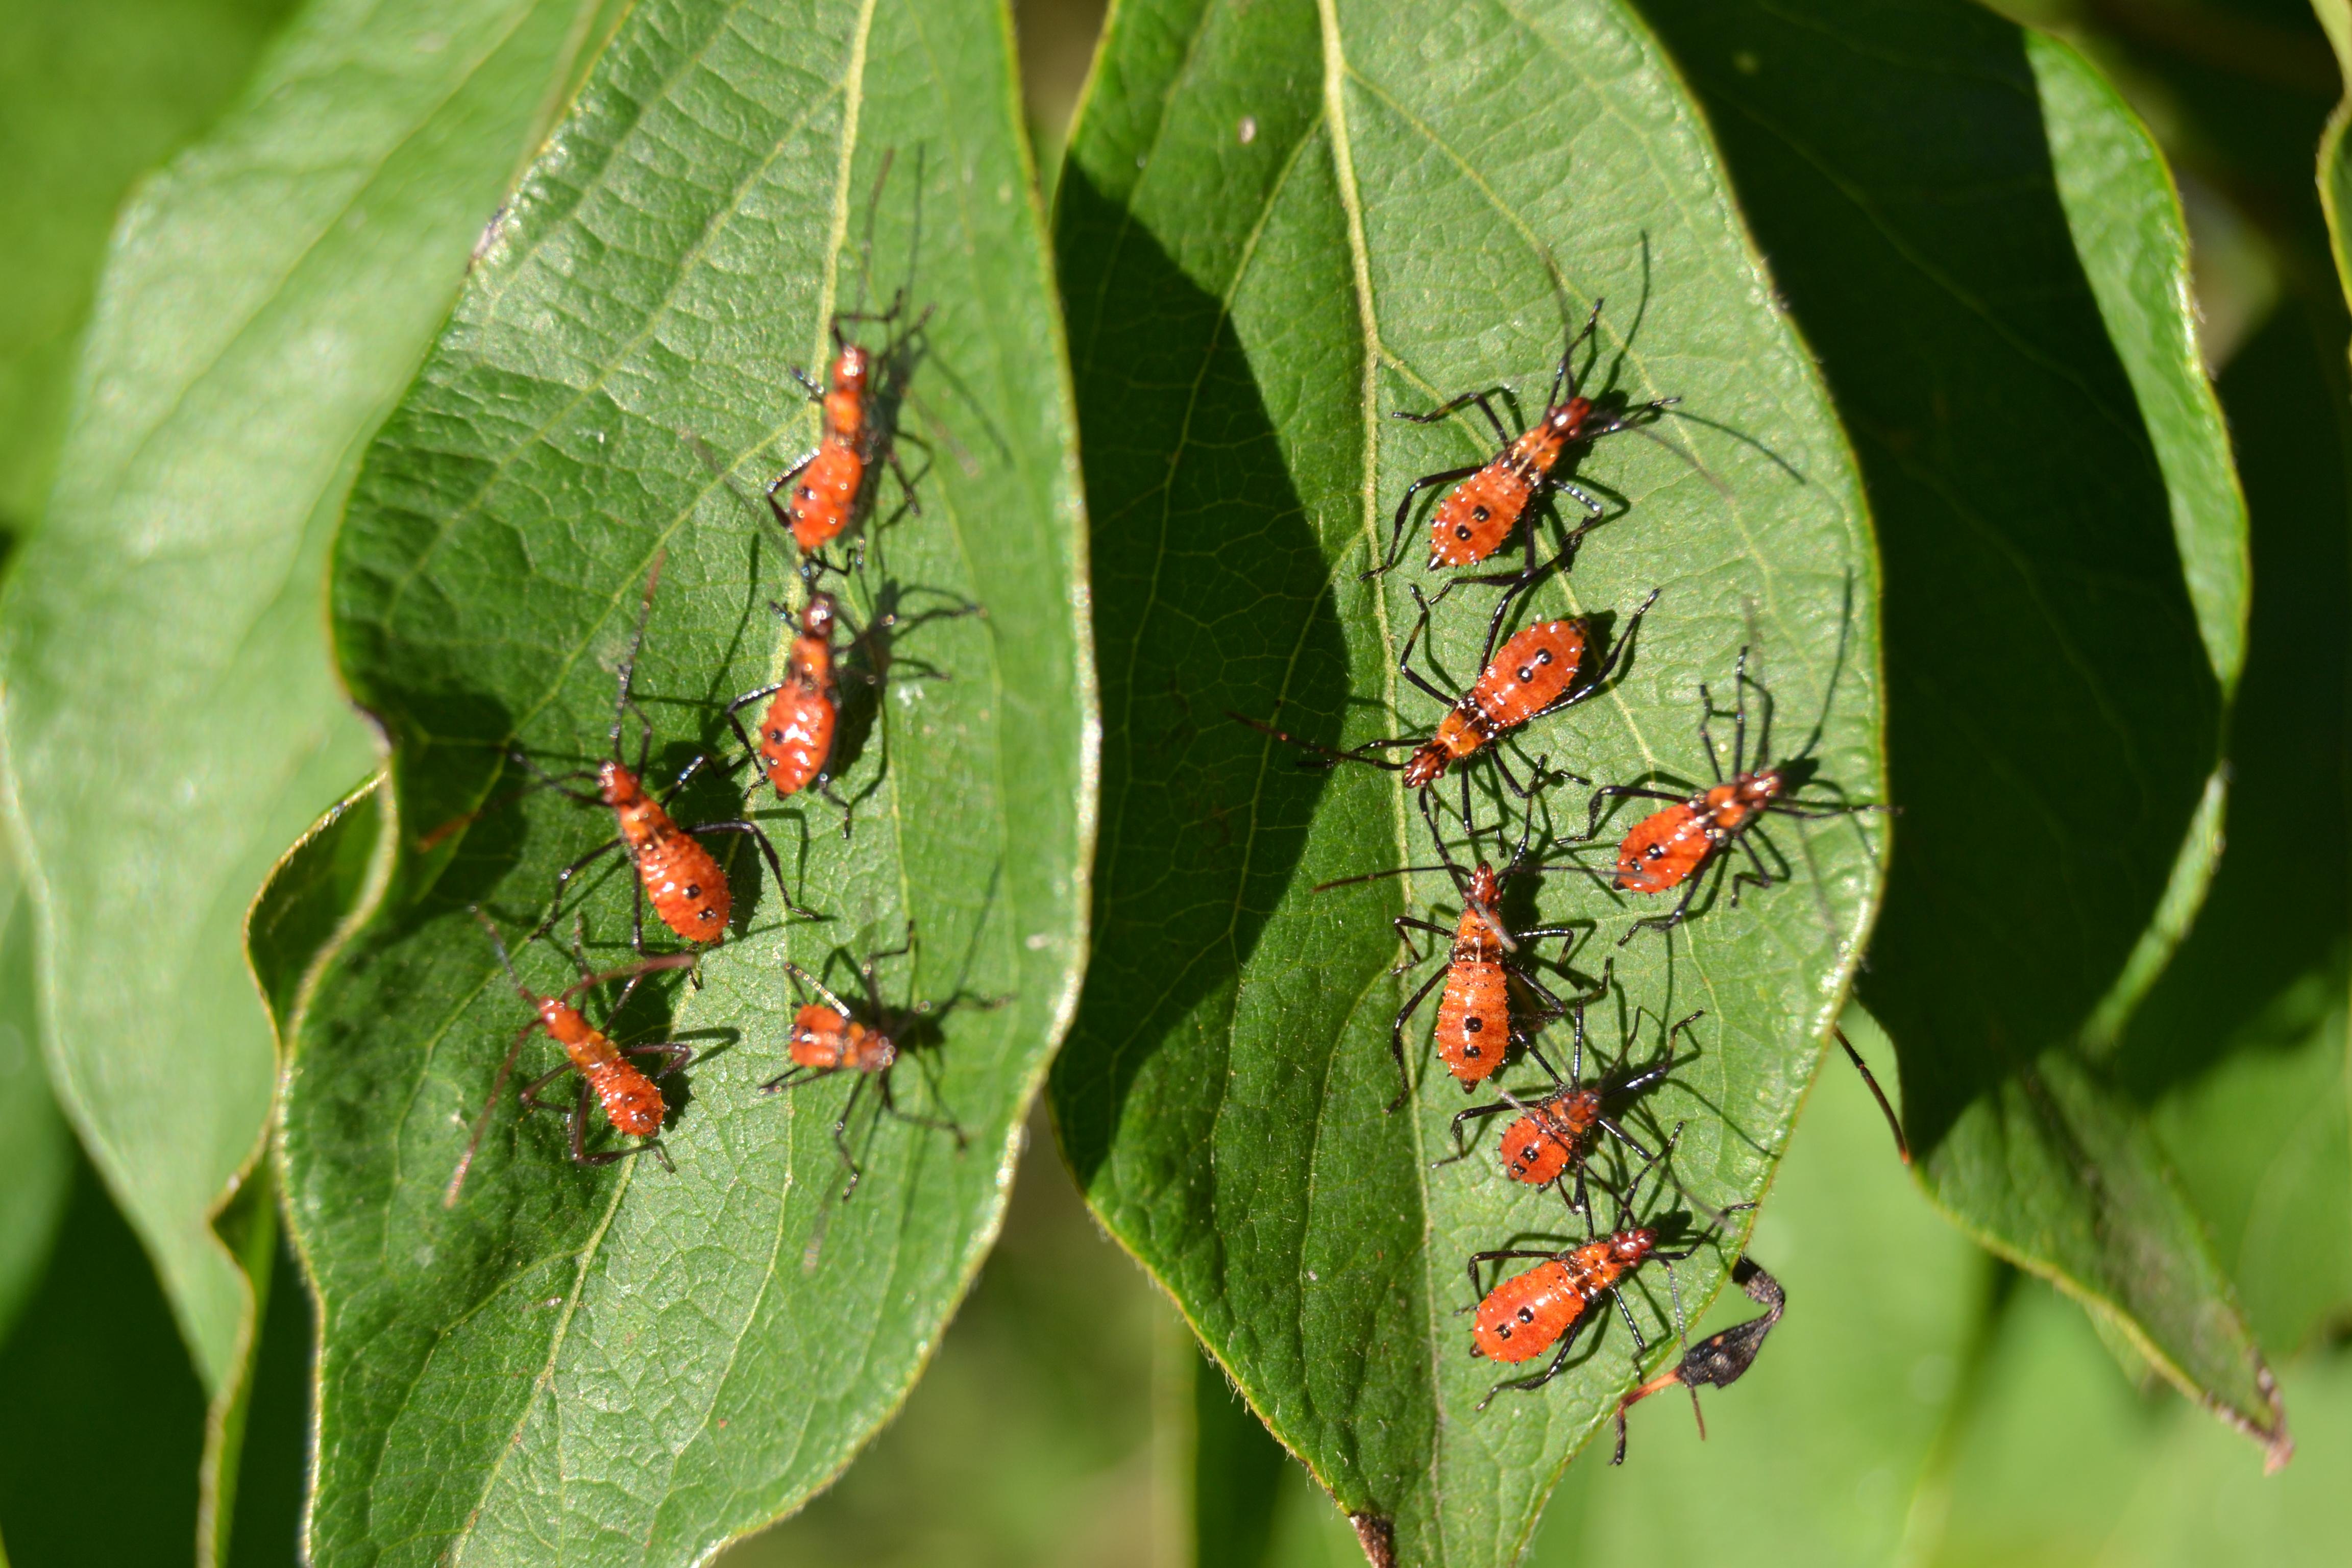 File:Leaf-footed Bug Nymphs (Leptoglossus sp.) (10162825105).jpg ...